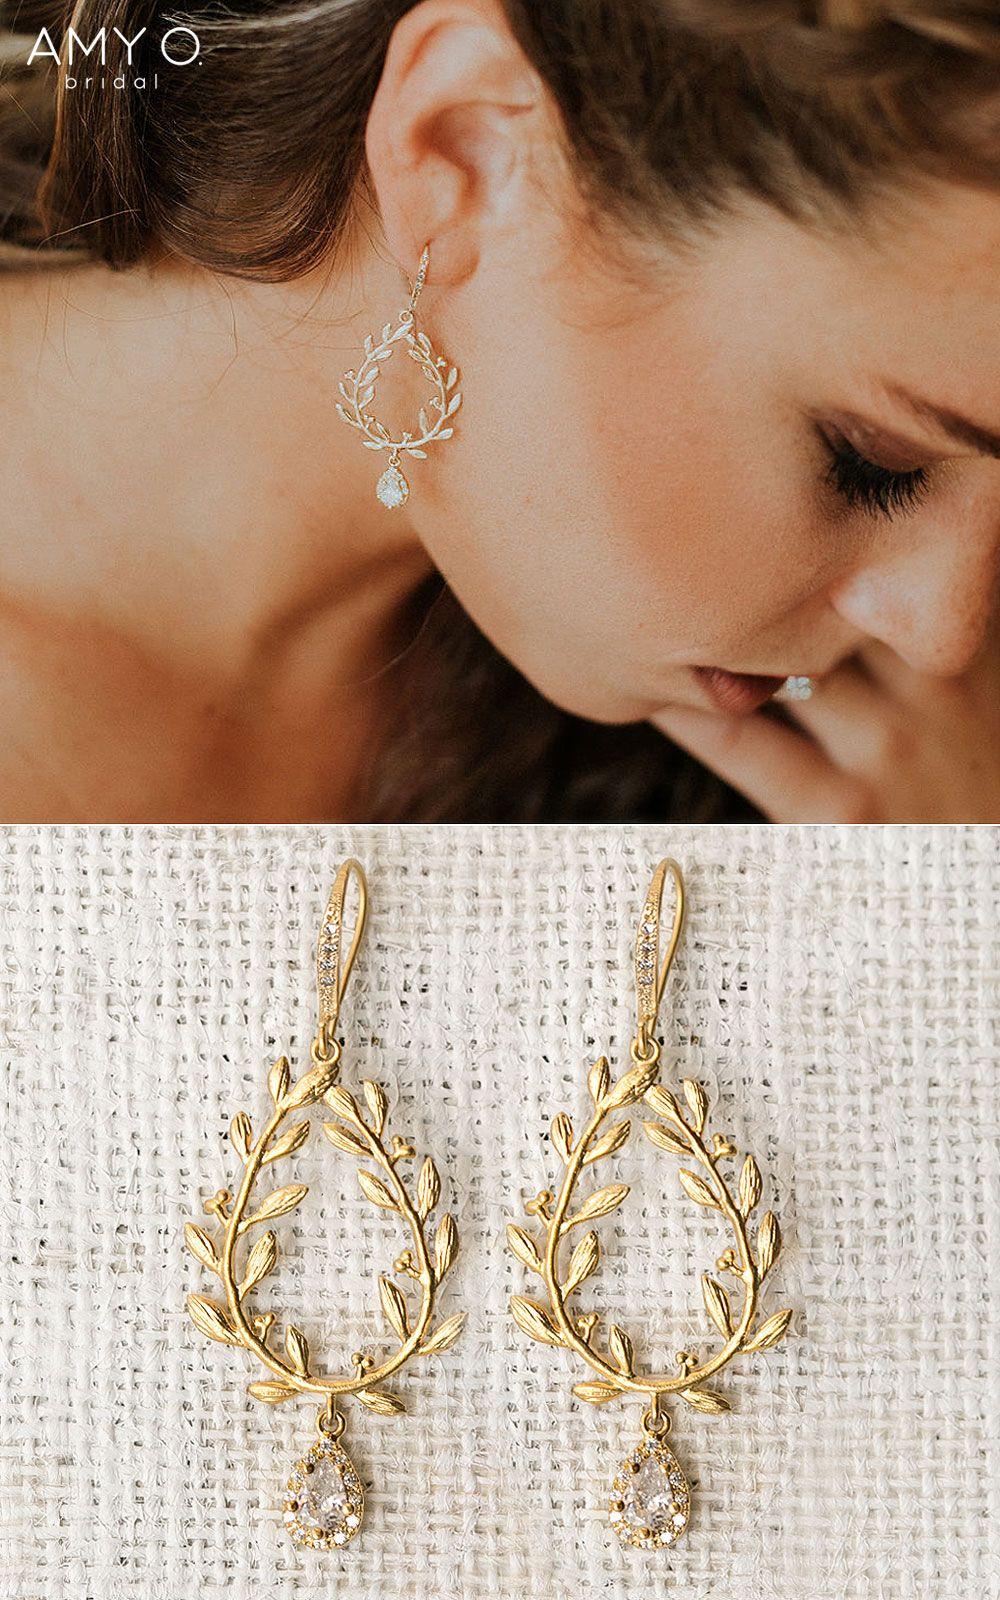 Ivy Halo Teardrop Earrings Boho Wedding Earrings Bohemian Wedding Earrings Dangle Earrings Wedding